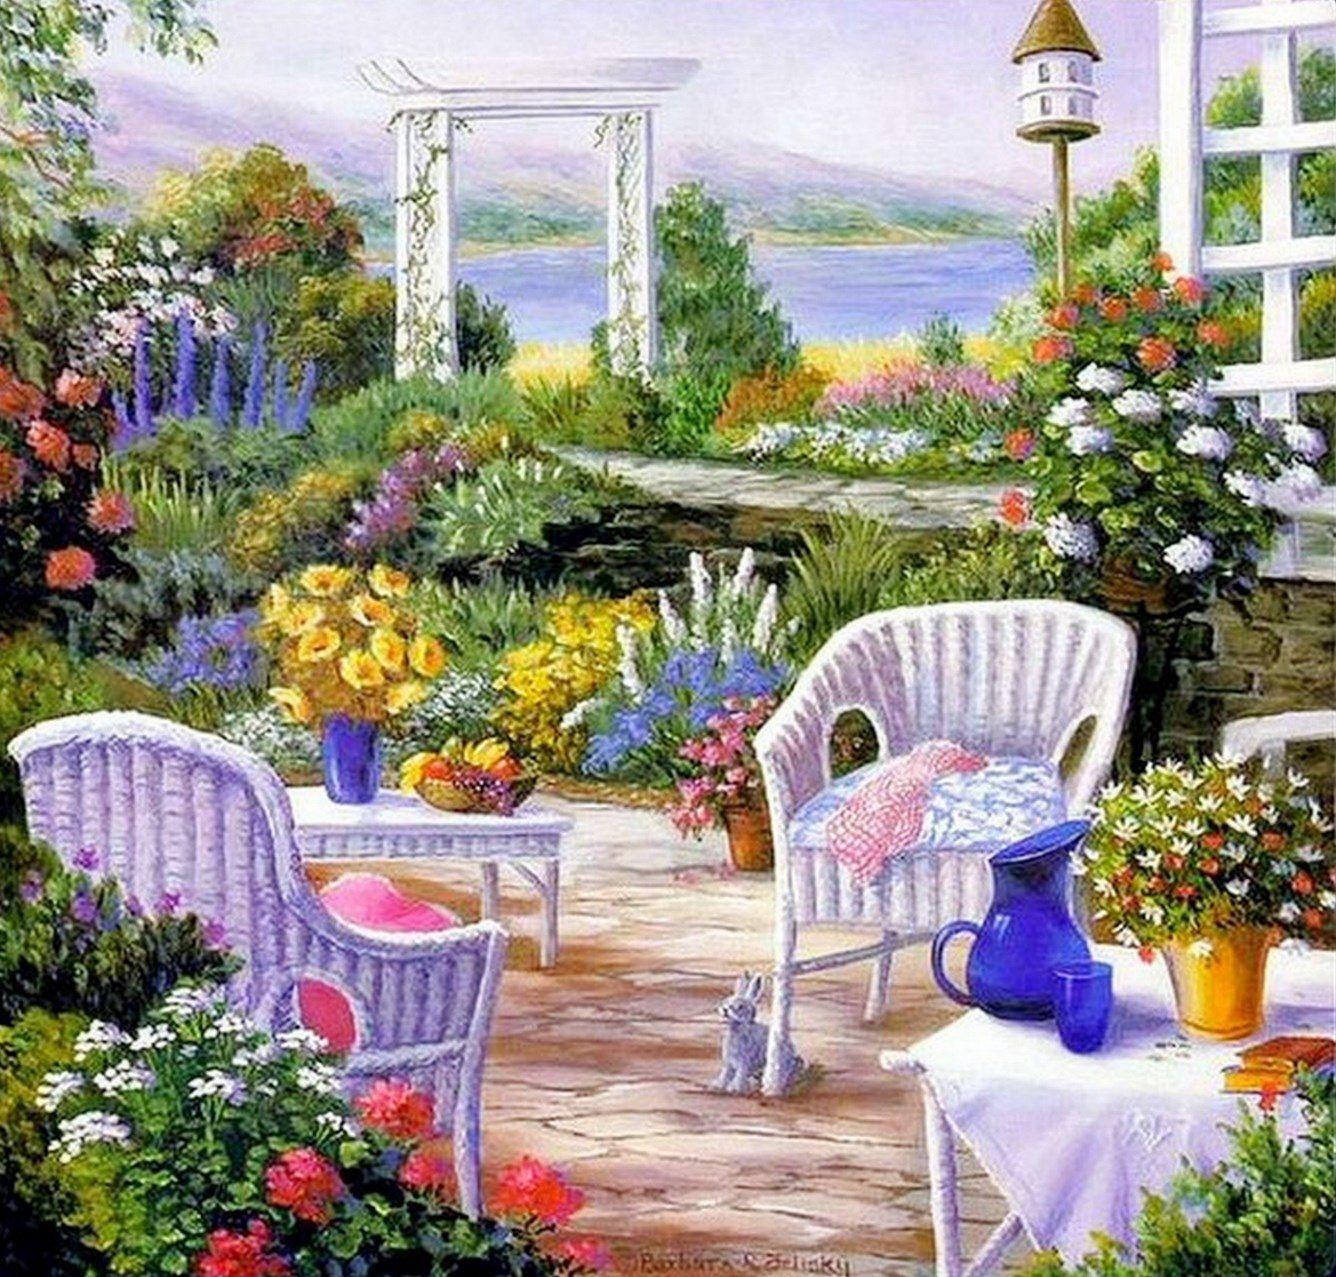 Cuadros modernos pinturas cuadros de casas con jardines barbara rosbe felisky artistic for Casas con jardin